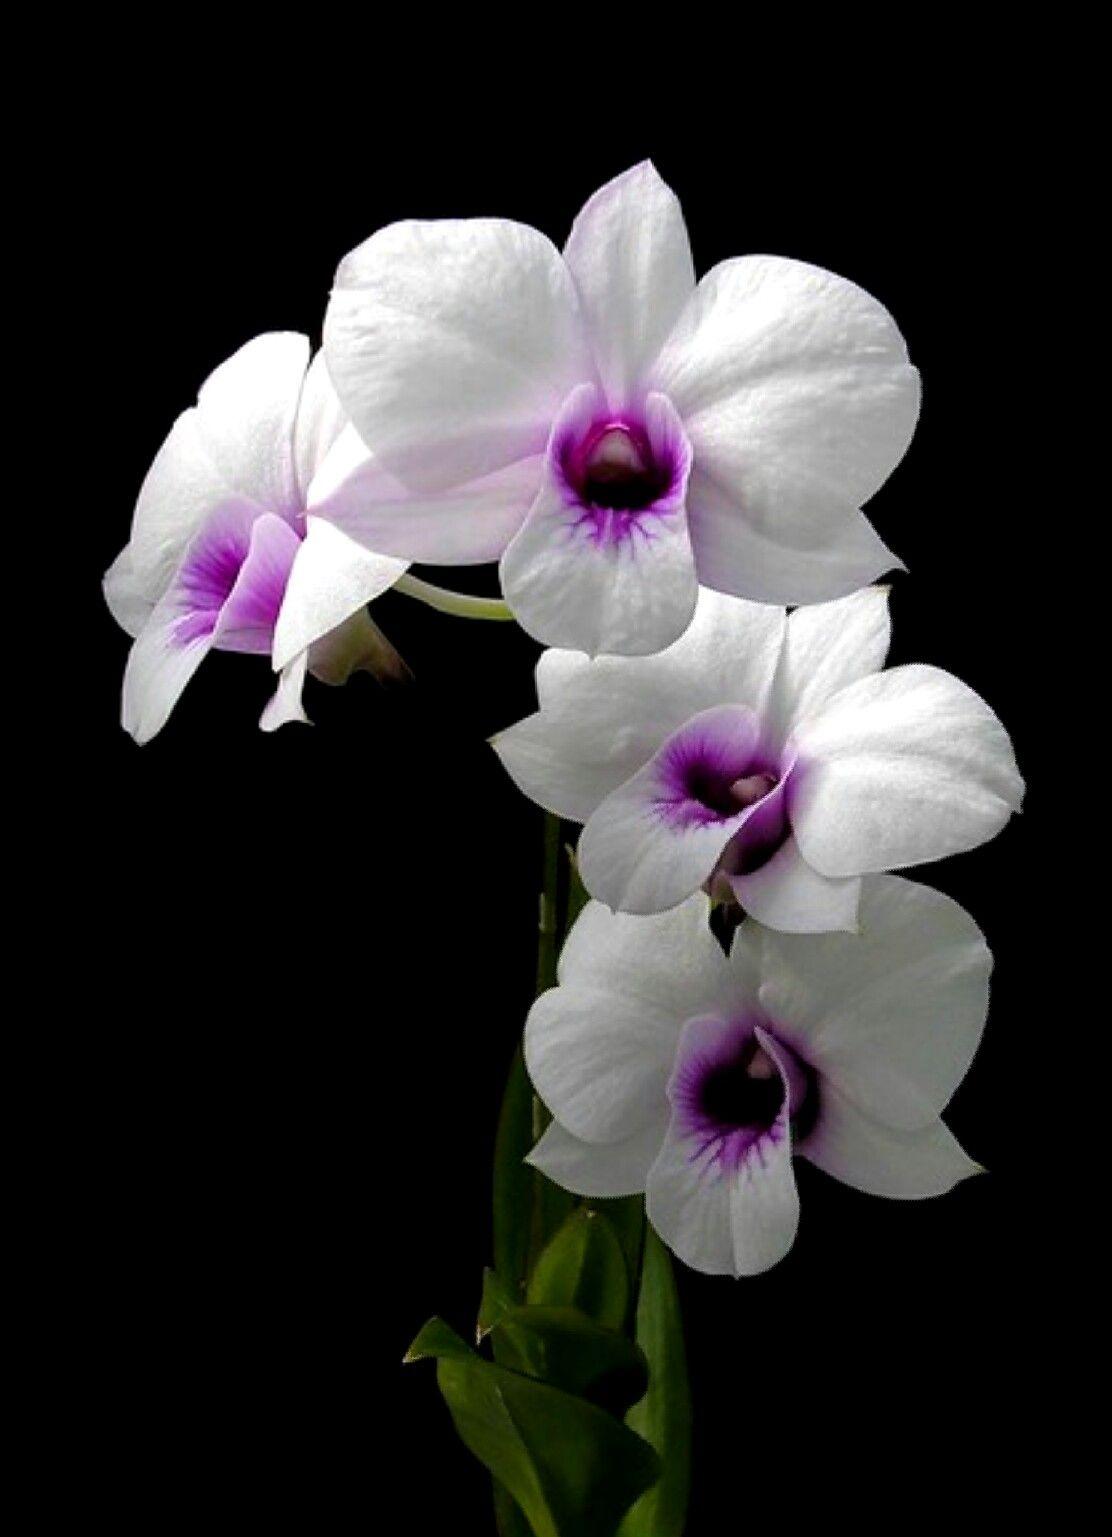 Dendrobium Bigibbum Var Compactum Rare Orchids Orchids Rare Flowers